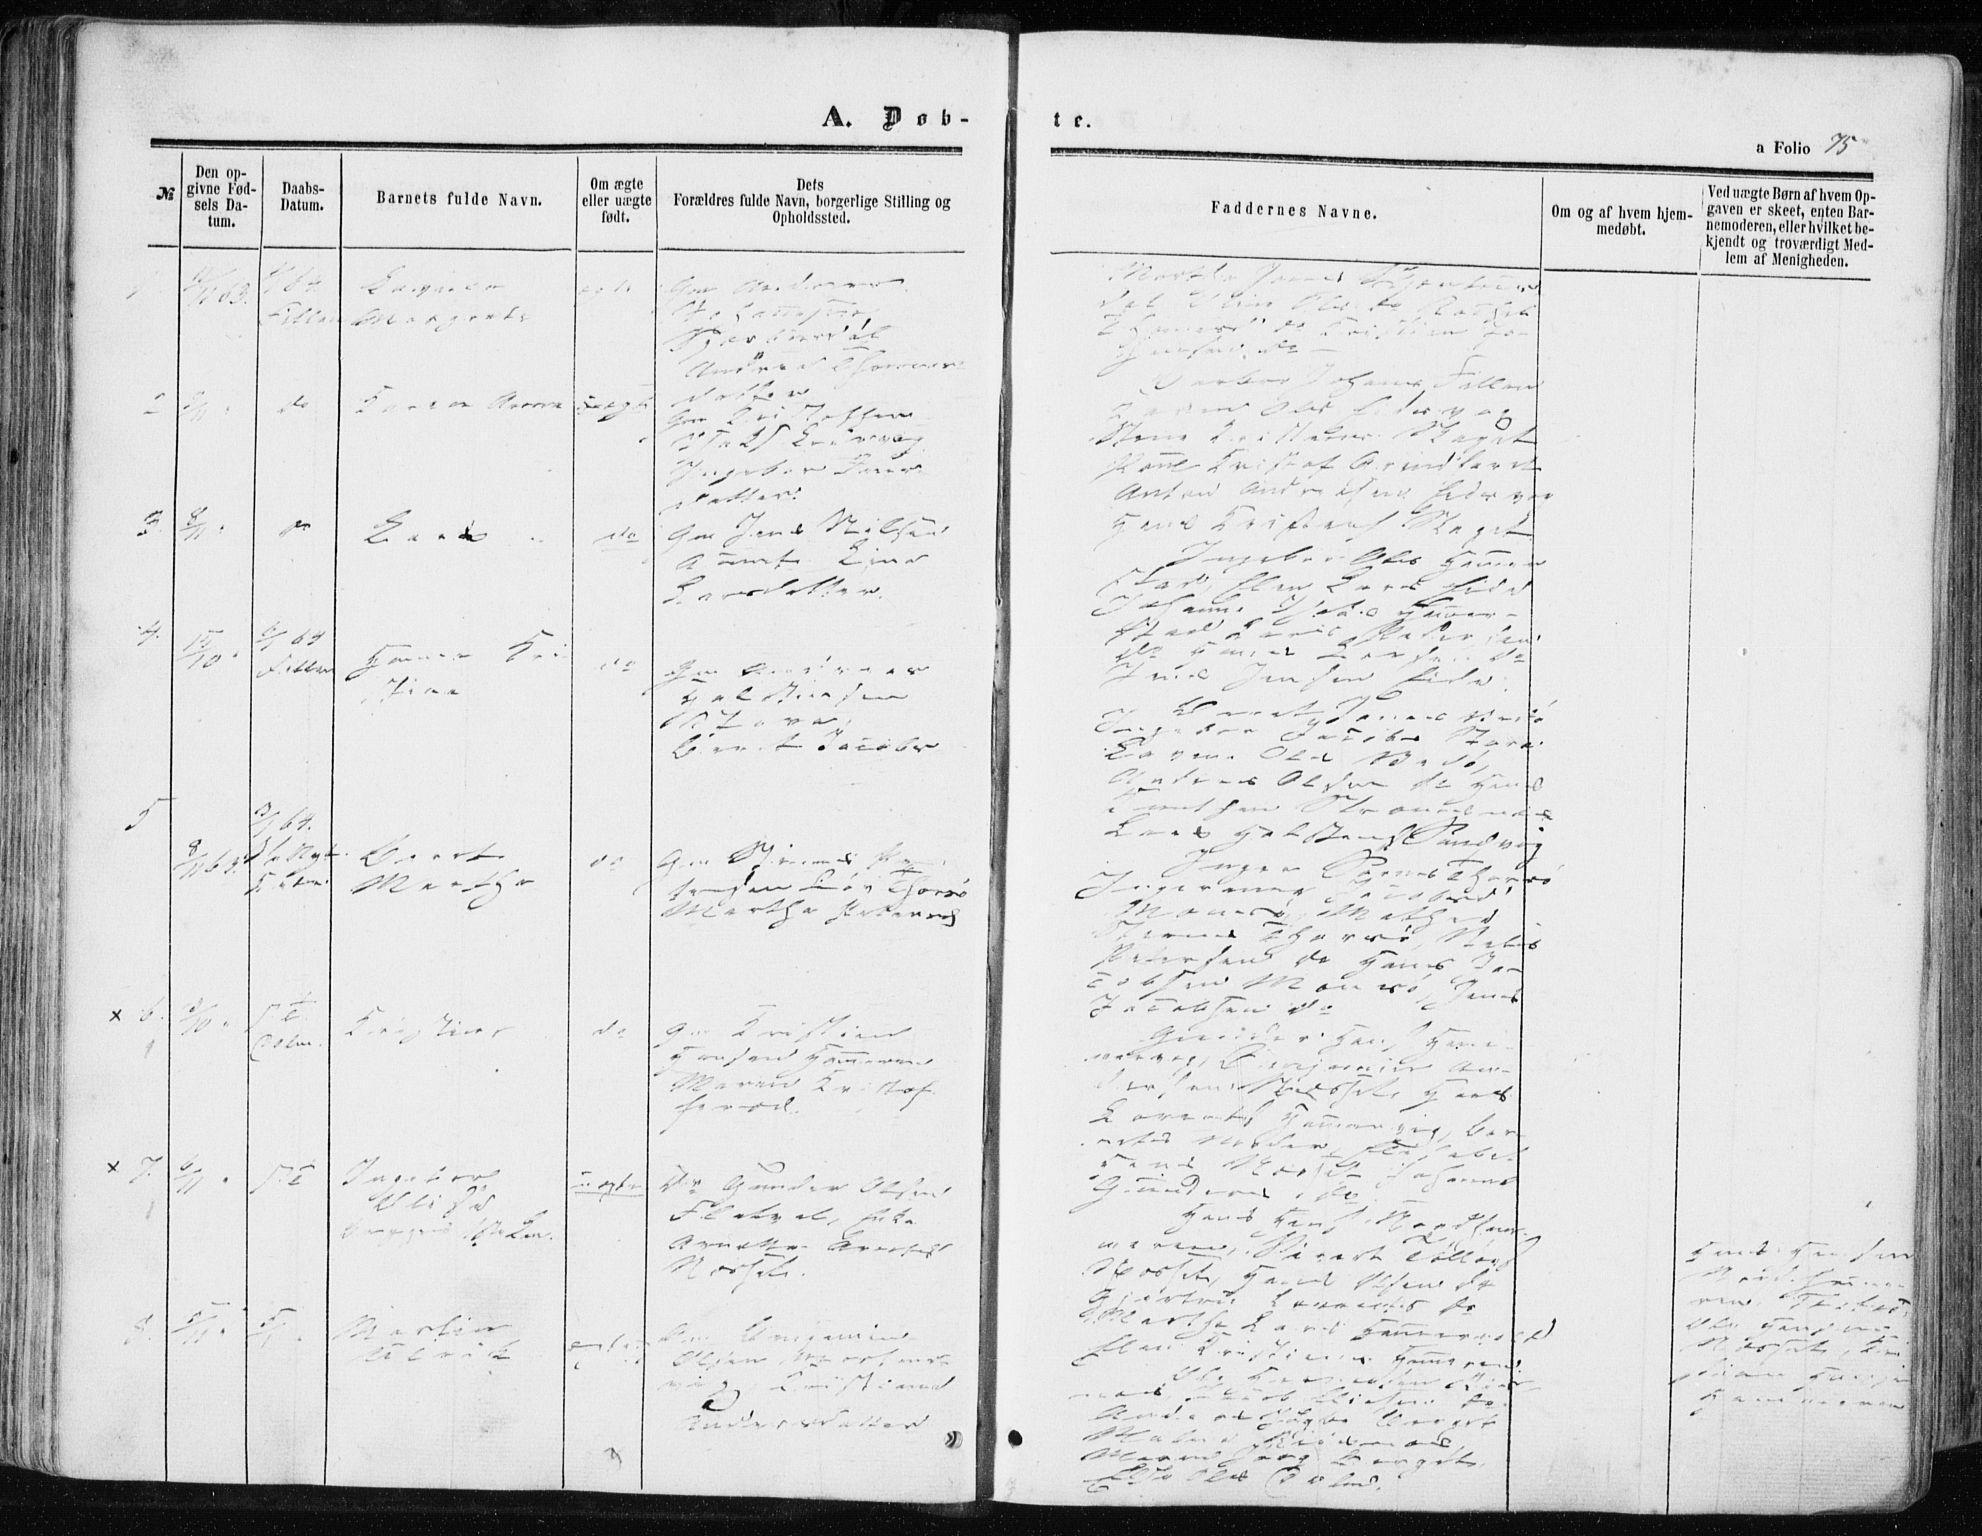 SAT, Ministerialprotokoller, klokkerbøker og fødselsregistre - Sør-Trøndelag, 634/L0531: Ministerialbok nr. 634A07, 1861-1870, s. 75